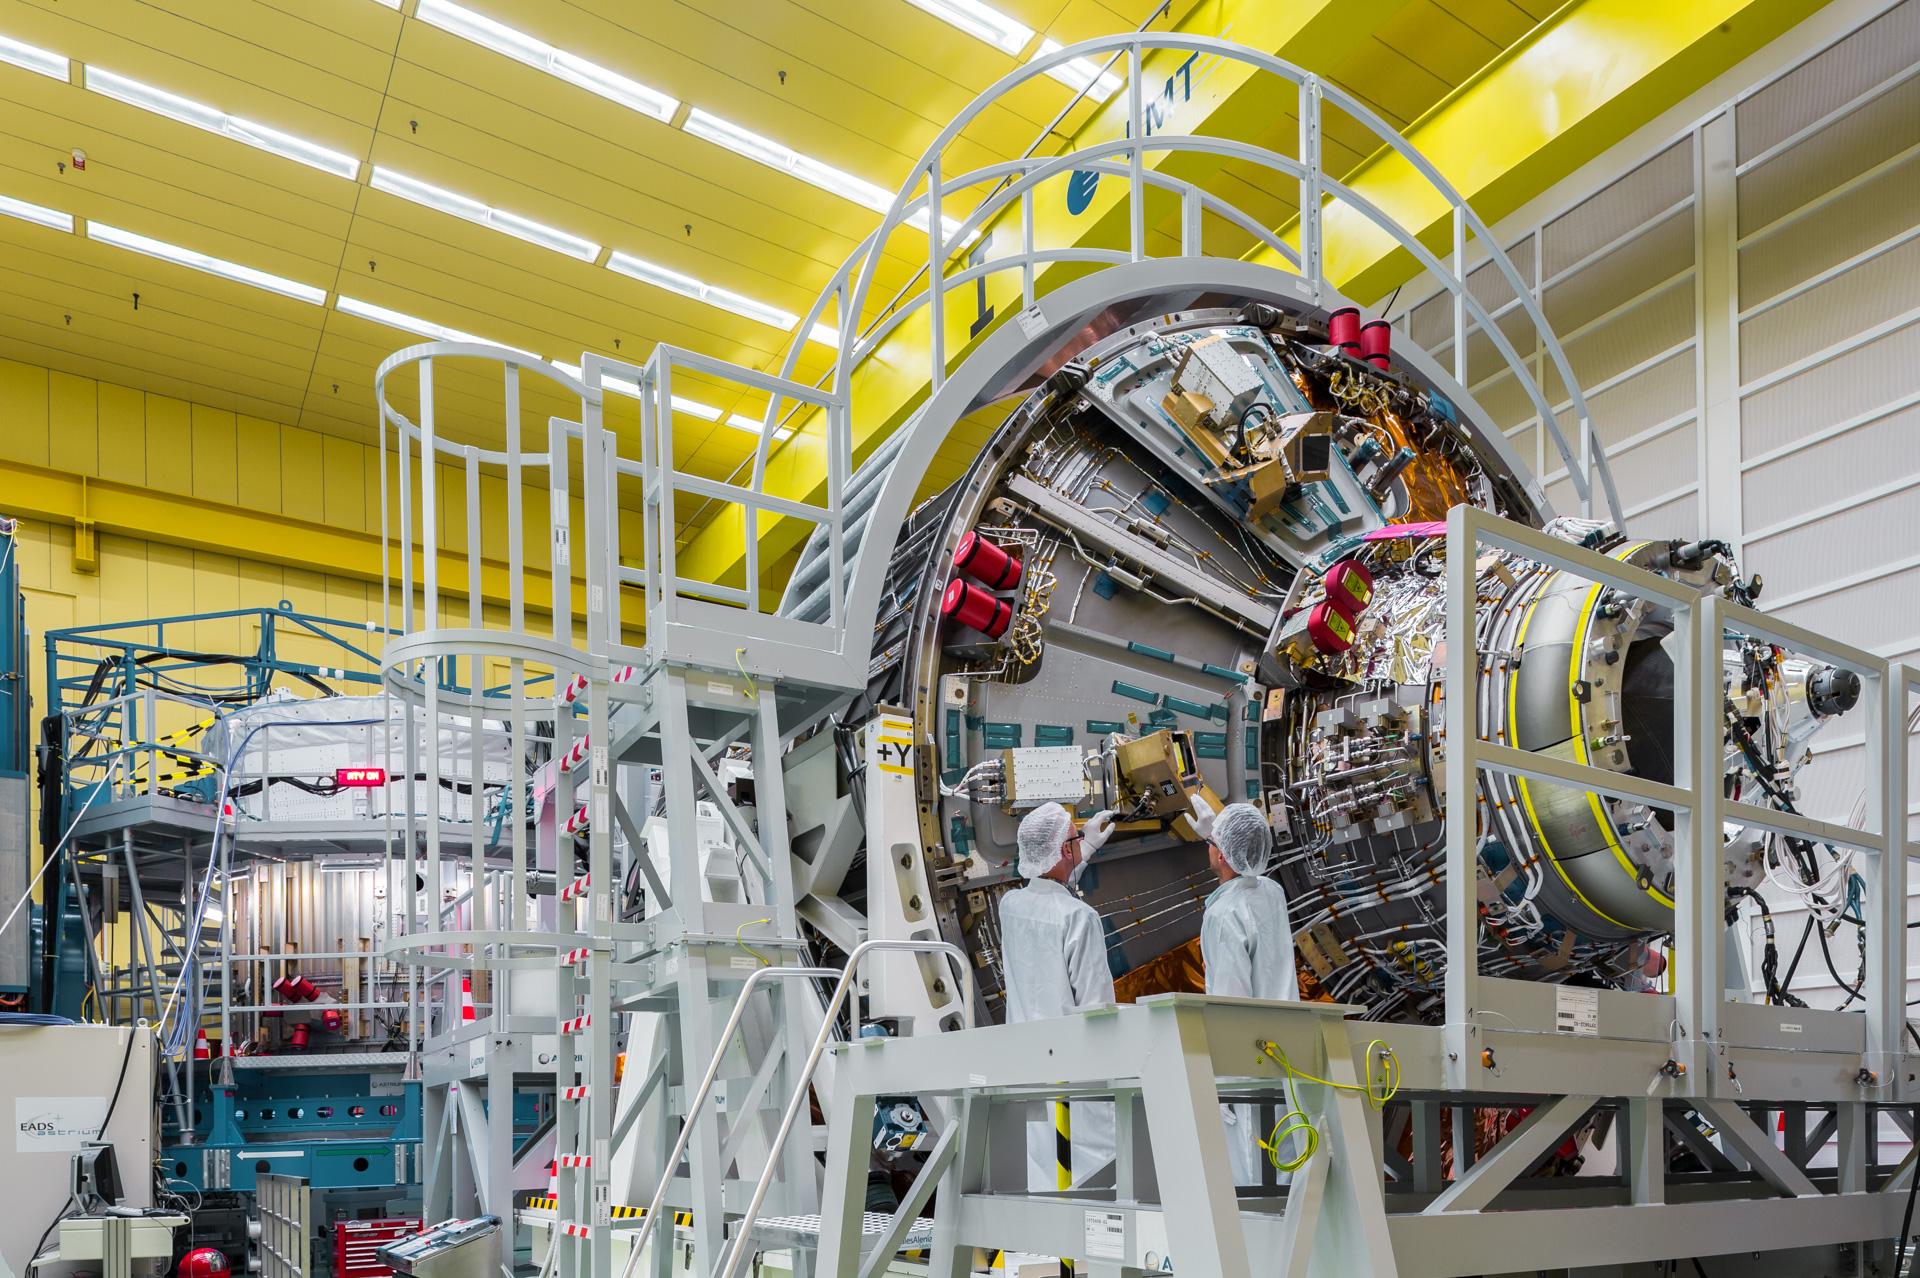 EADS Astrium in Bremen stellt für das Ariane Projekt das Raumfahrtmodul ATV 5 (Automated Transfer Vehicle) her.